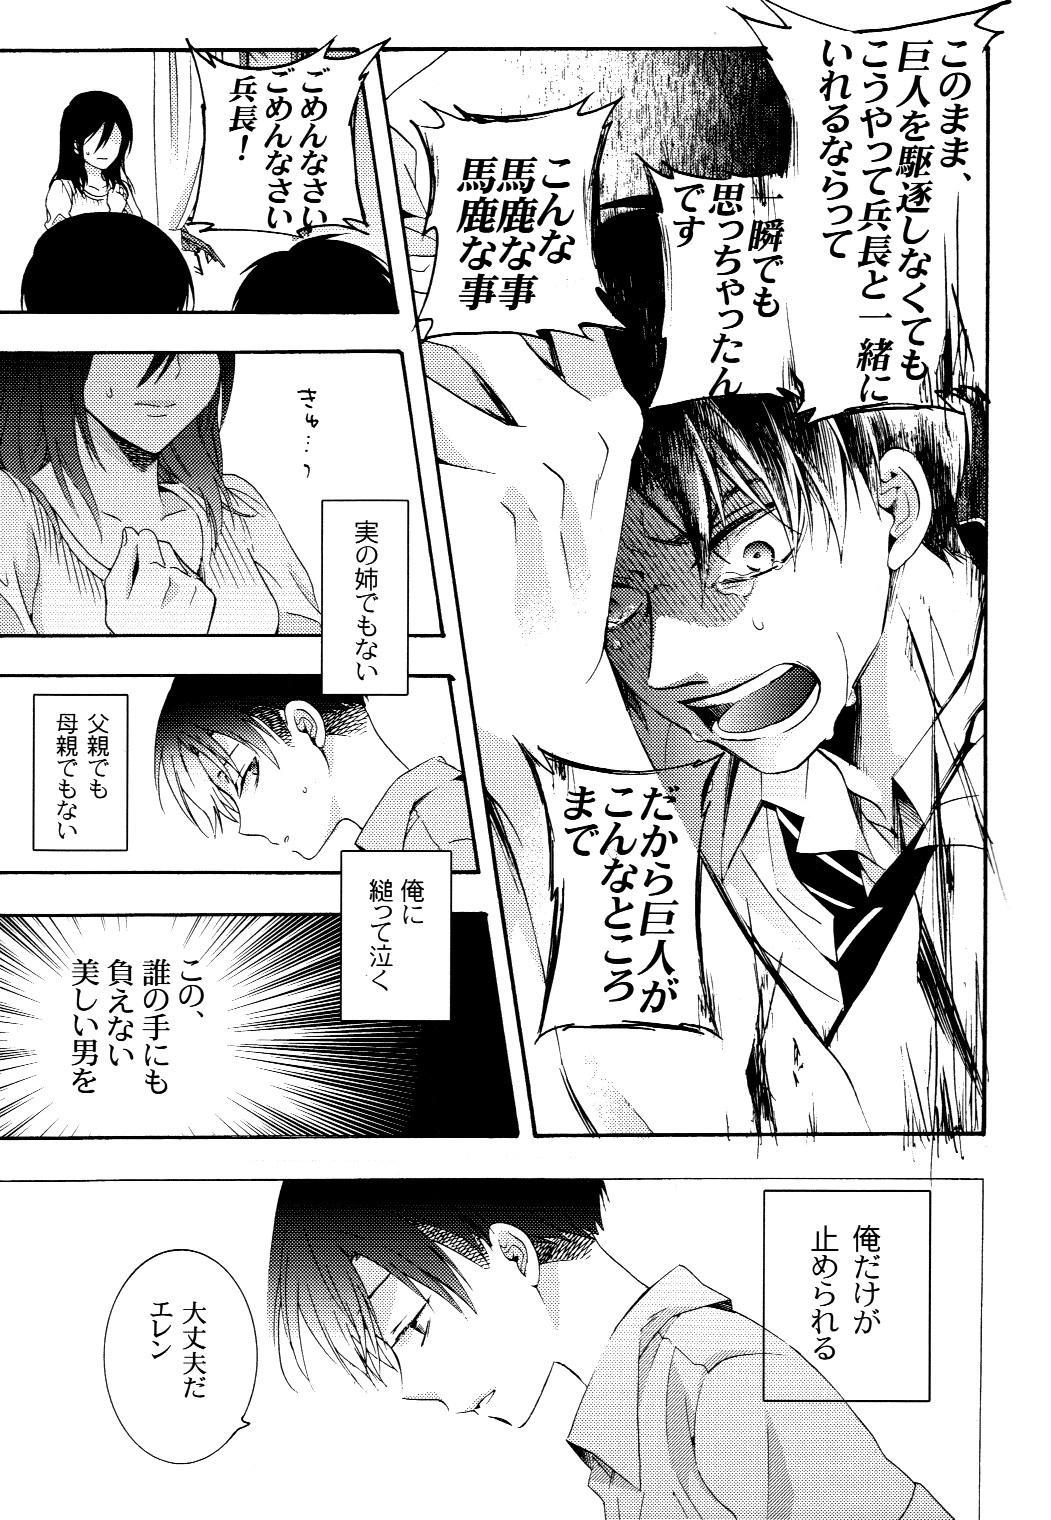 Himawari no Saku Fuyu 22